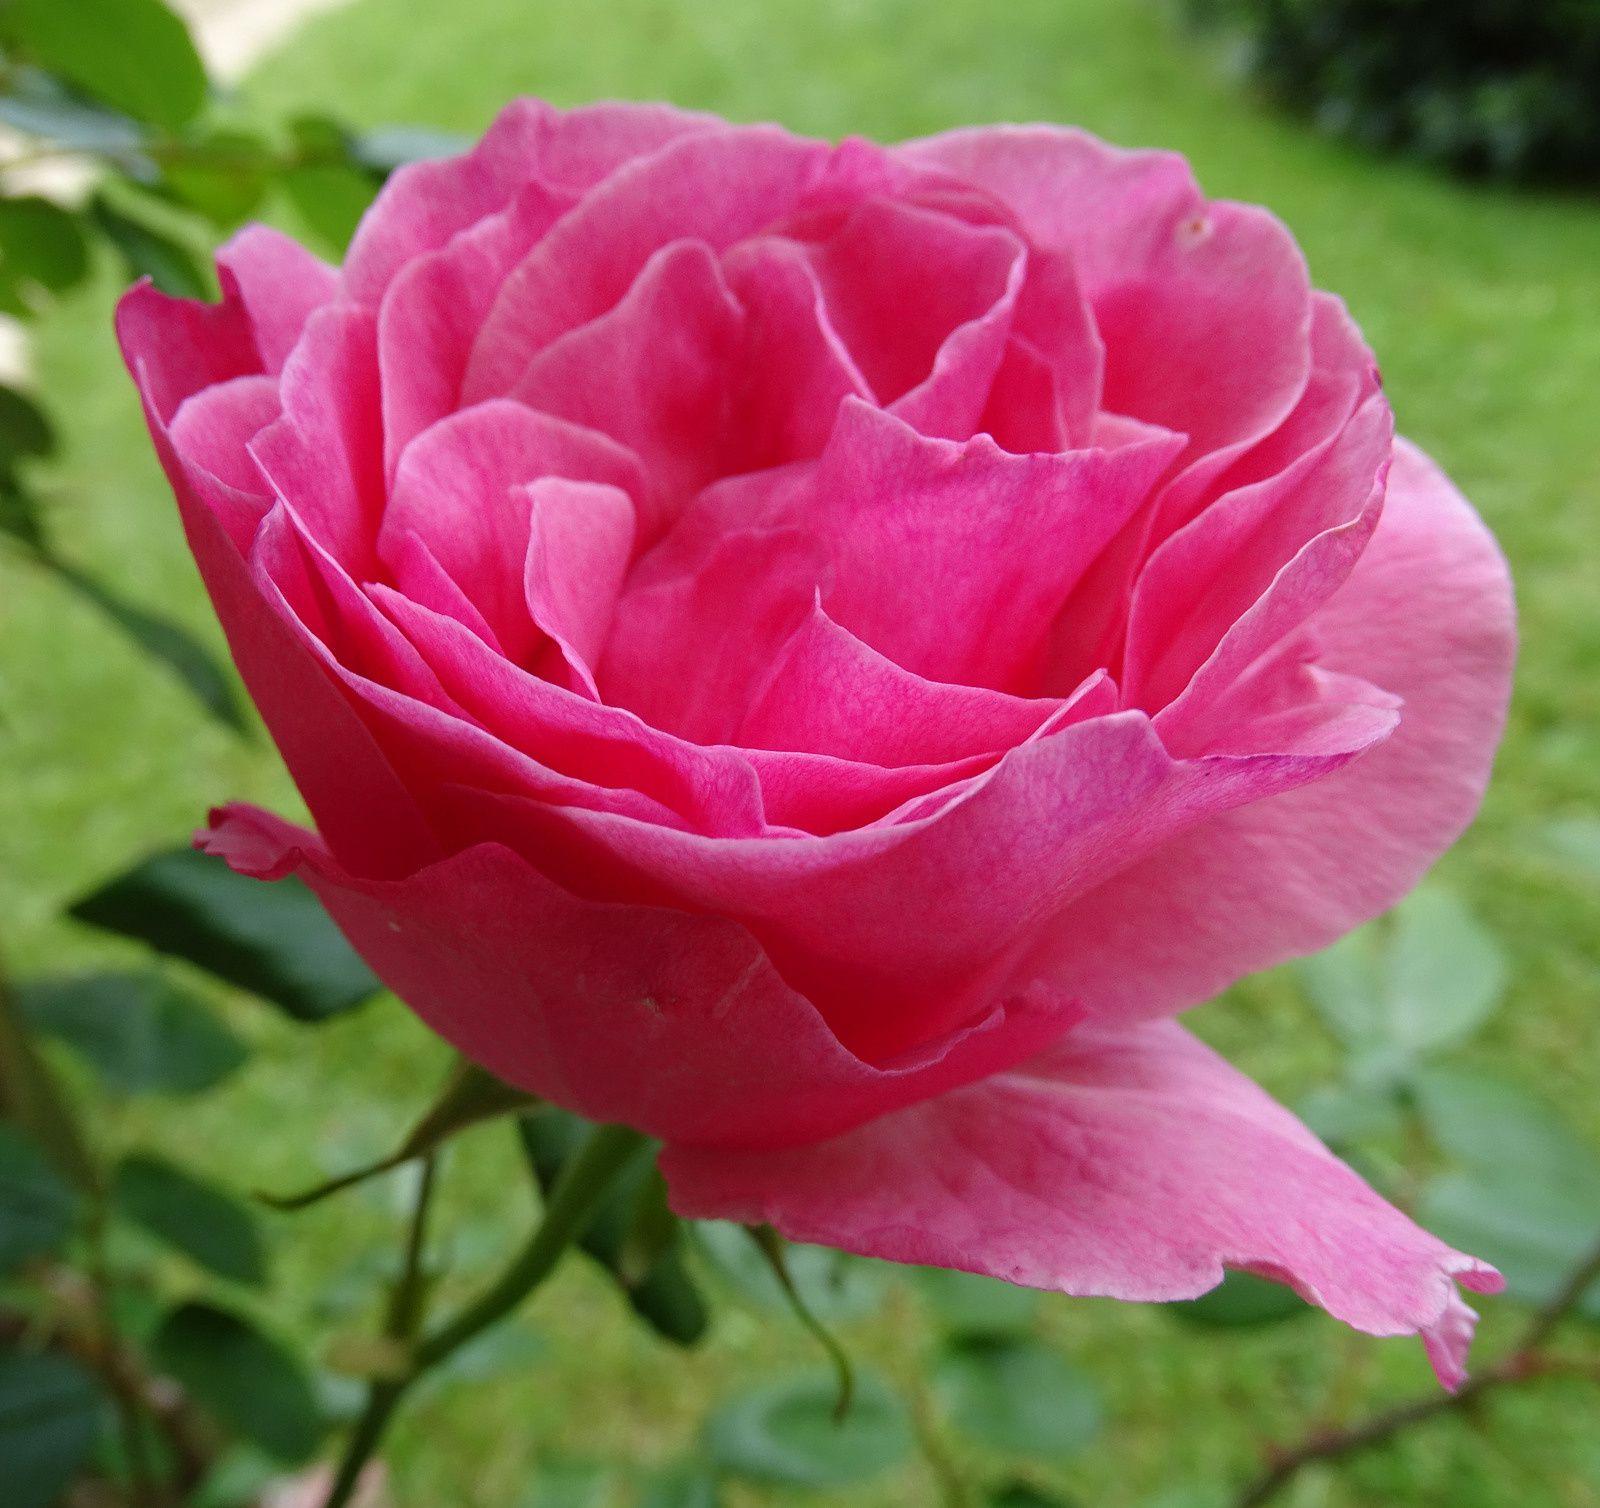 ciste rose - weigélia à feuilles pourpres - azalée - rose - pivoine - ancolie - géranium - pivoine et fin d'anémone - iris